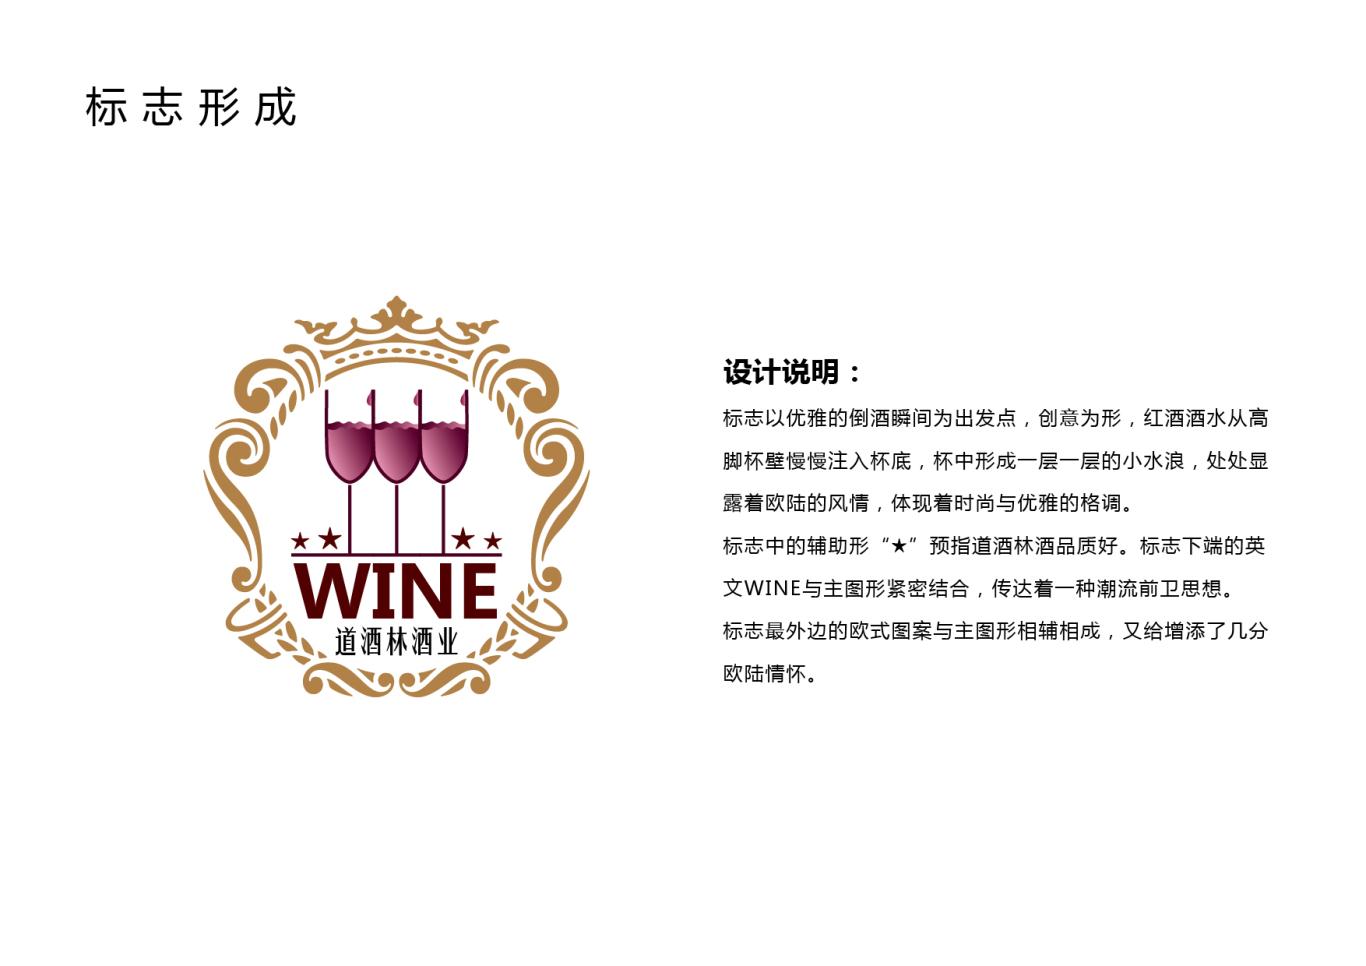 道酒林酒业品牌设计图1